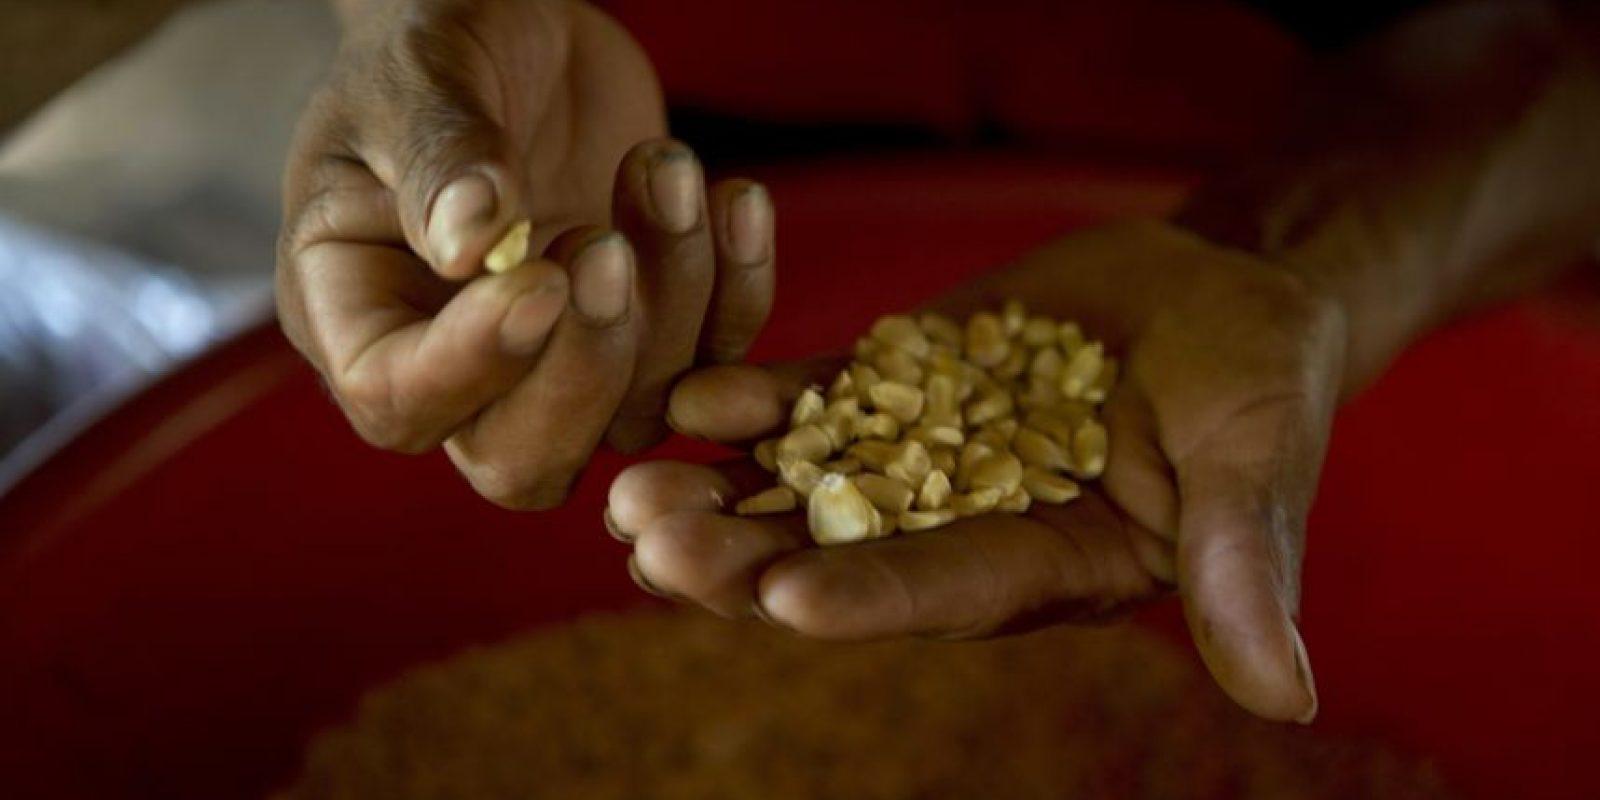 En esta fotografía del 30 de mayo de 2016, Mario Roque selecciona semillas de maíz para plantar en su casa en San Juan Ermita, en el estado oriental Chiquimula en Guatemala. Históricamente afectados por la pobreza, miles de habitantes del este de Guatemala padecen una prolongada sequía que ha derivado en una crisis alimentaria. Foto:Moises Castillo/ AP